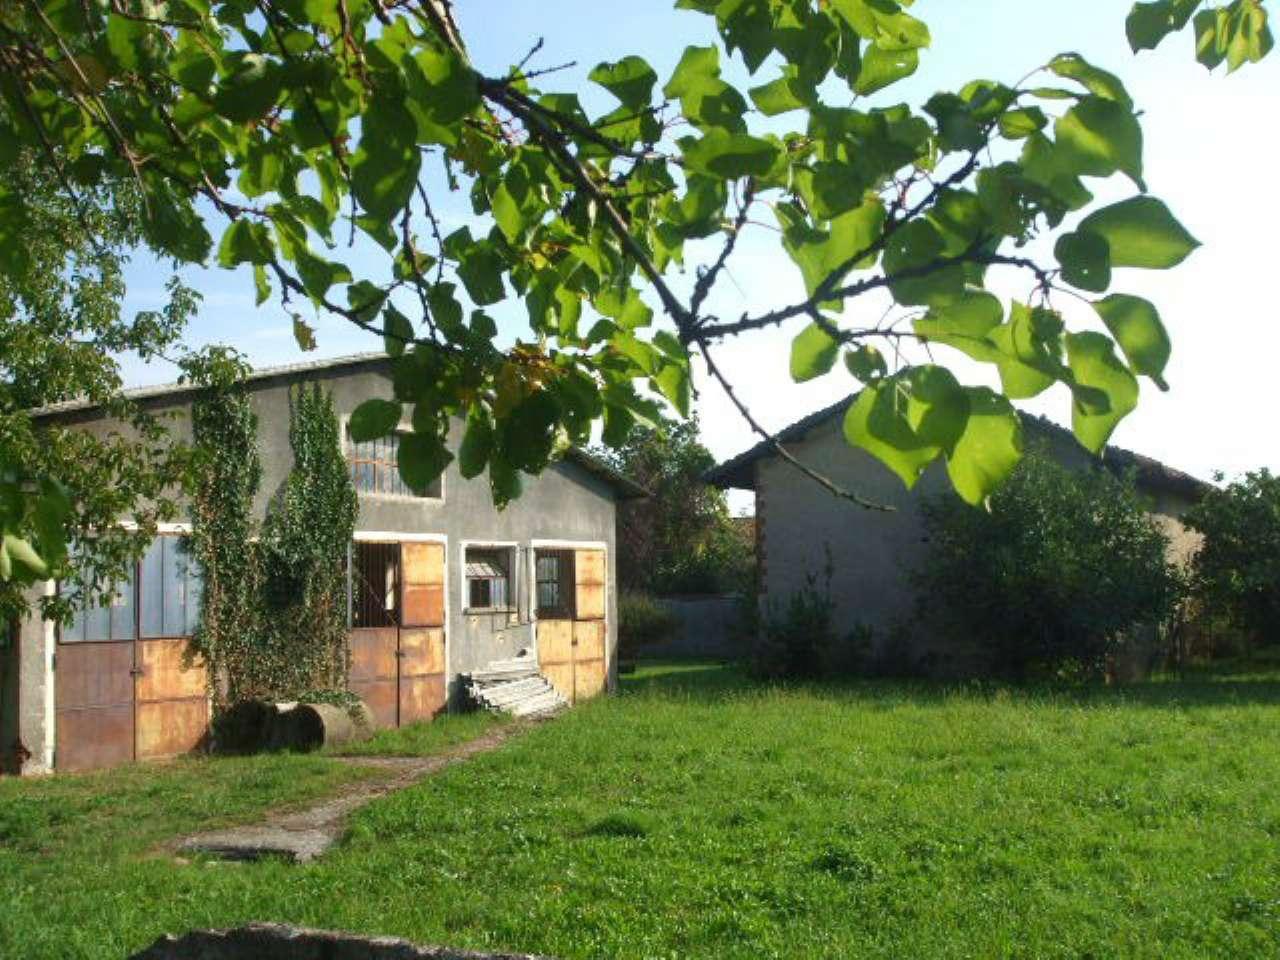 Rustico / Casale in vendita a Pinerolo, 9999 locali, prezzo € 85.000 | Cambio Casa.it